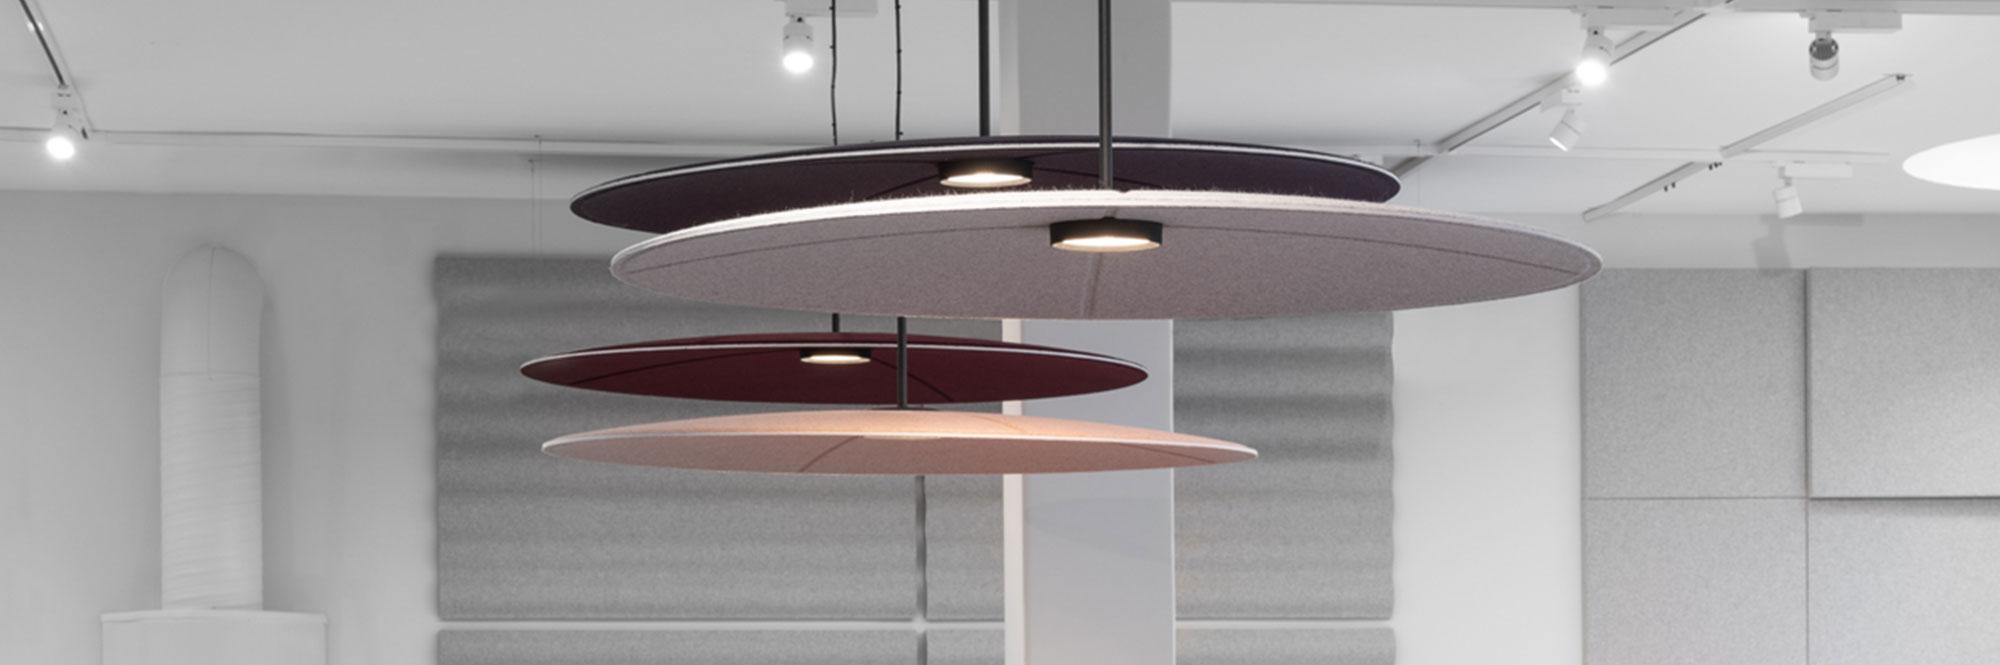 akoestische-verlichting-plafondpanelen-lily-akoestiek-abstracta-loff-maatkantoren